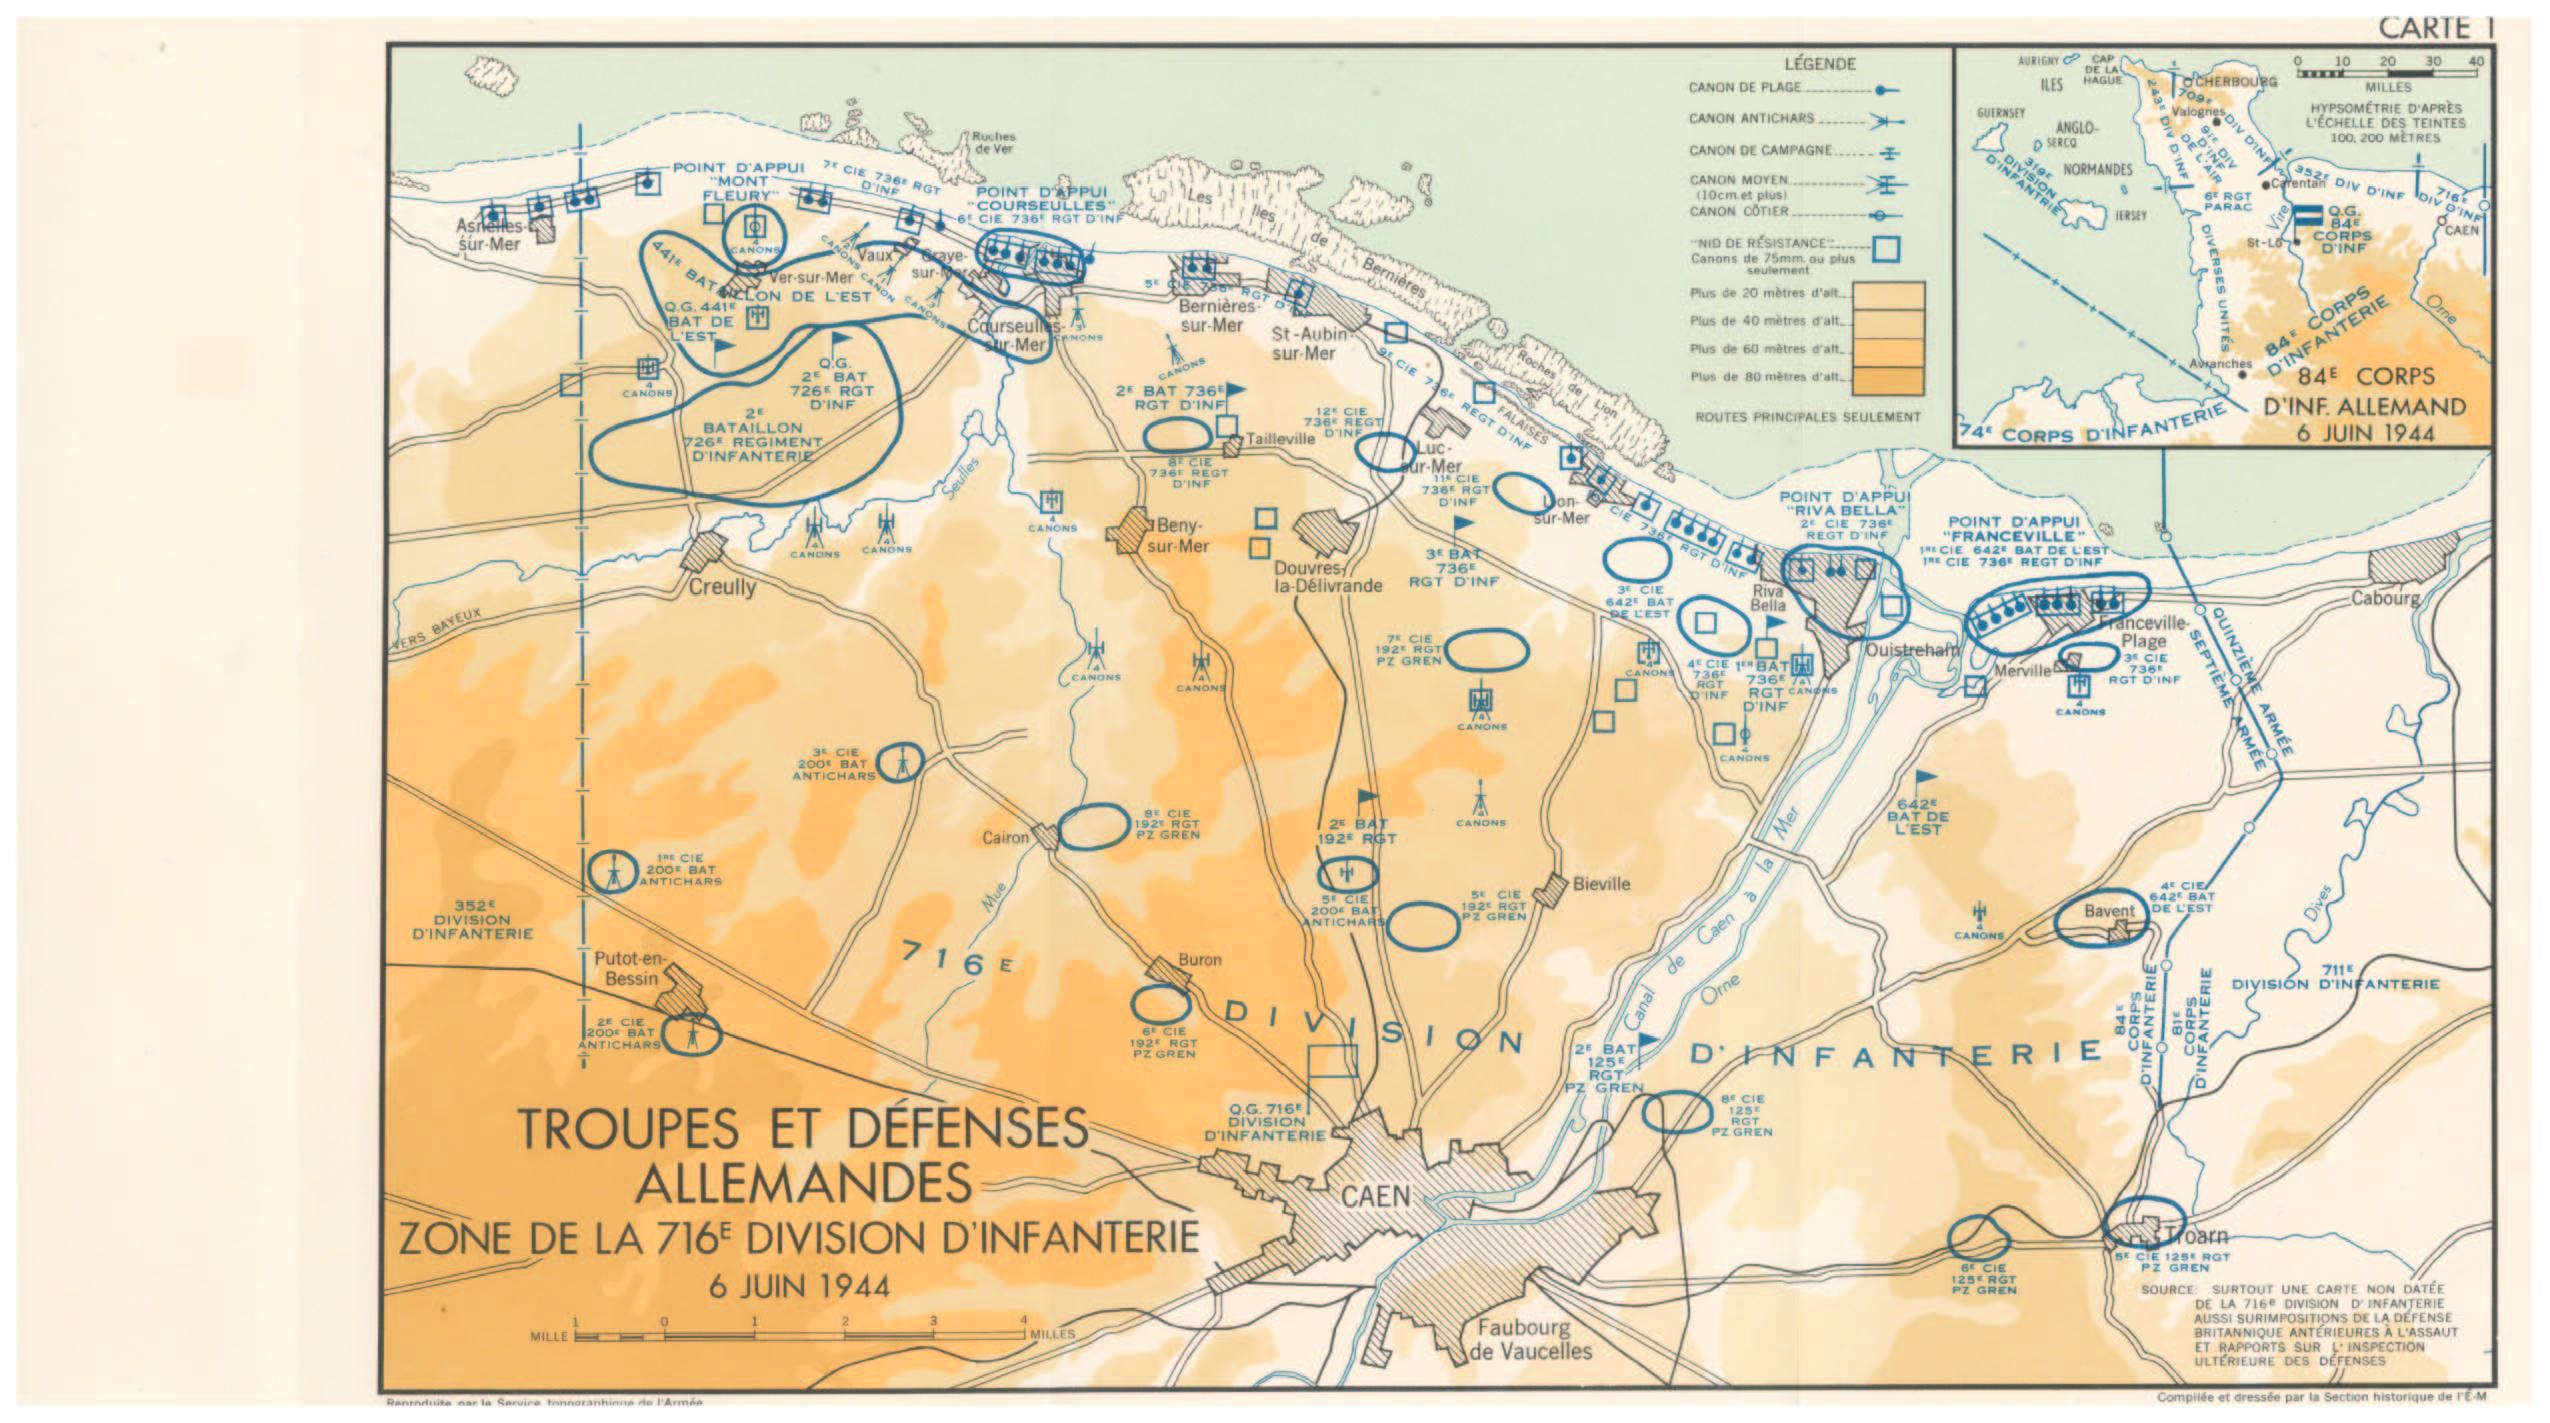 Une carte en couleurs. Troupes et Défenses Allemandes - Zone de la 716e Division d'Infanterie - 6 juin 1944